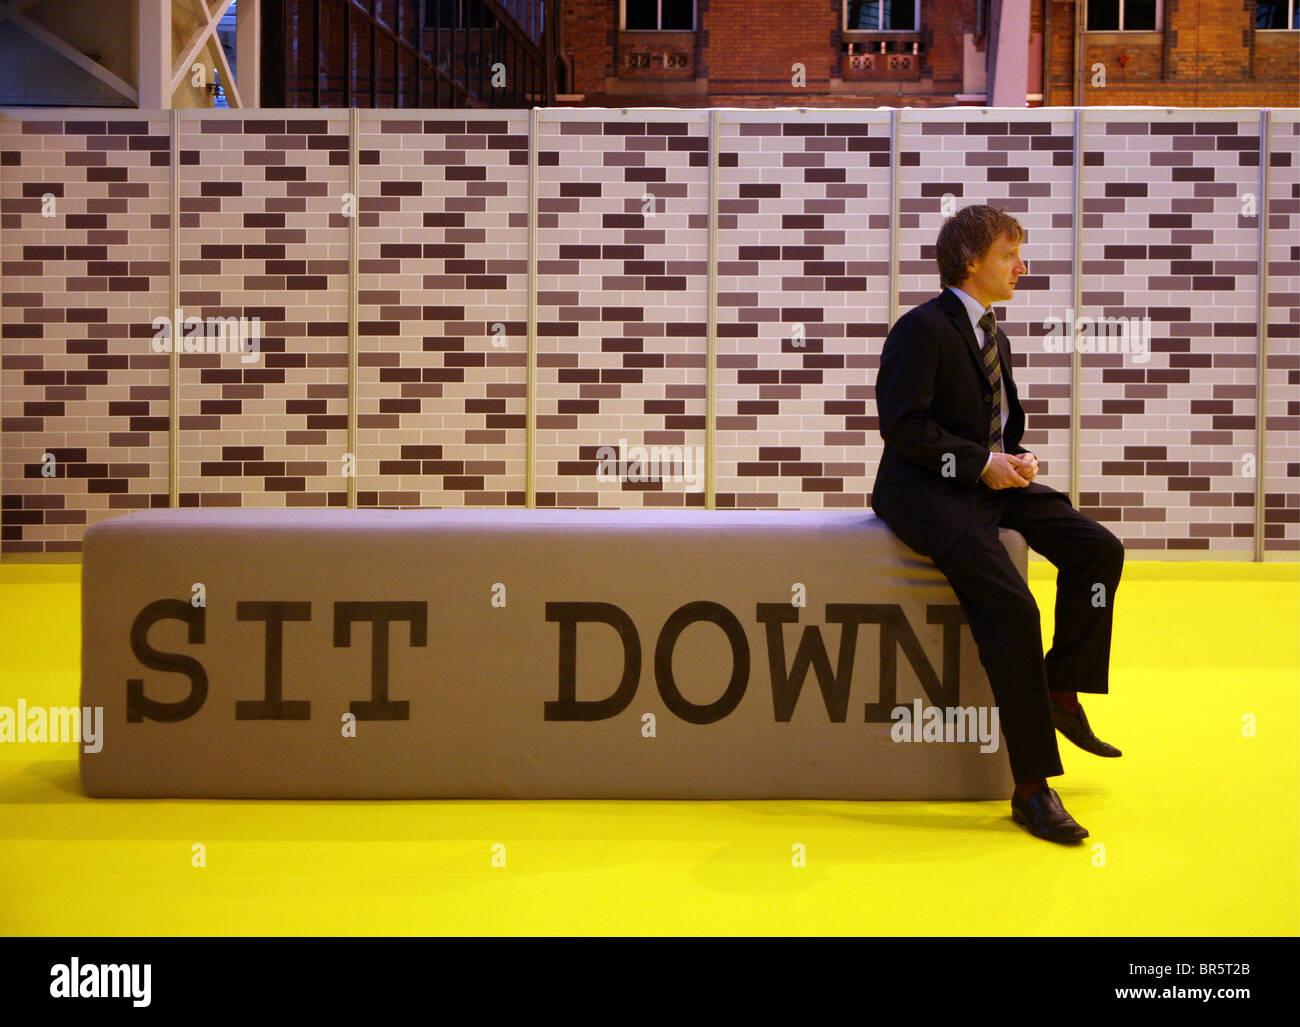 Un homme s'installe sur un 'il' situé à l'entrée d'une conférence d'affaires. Photo Stock